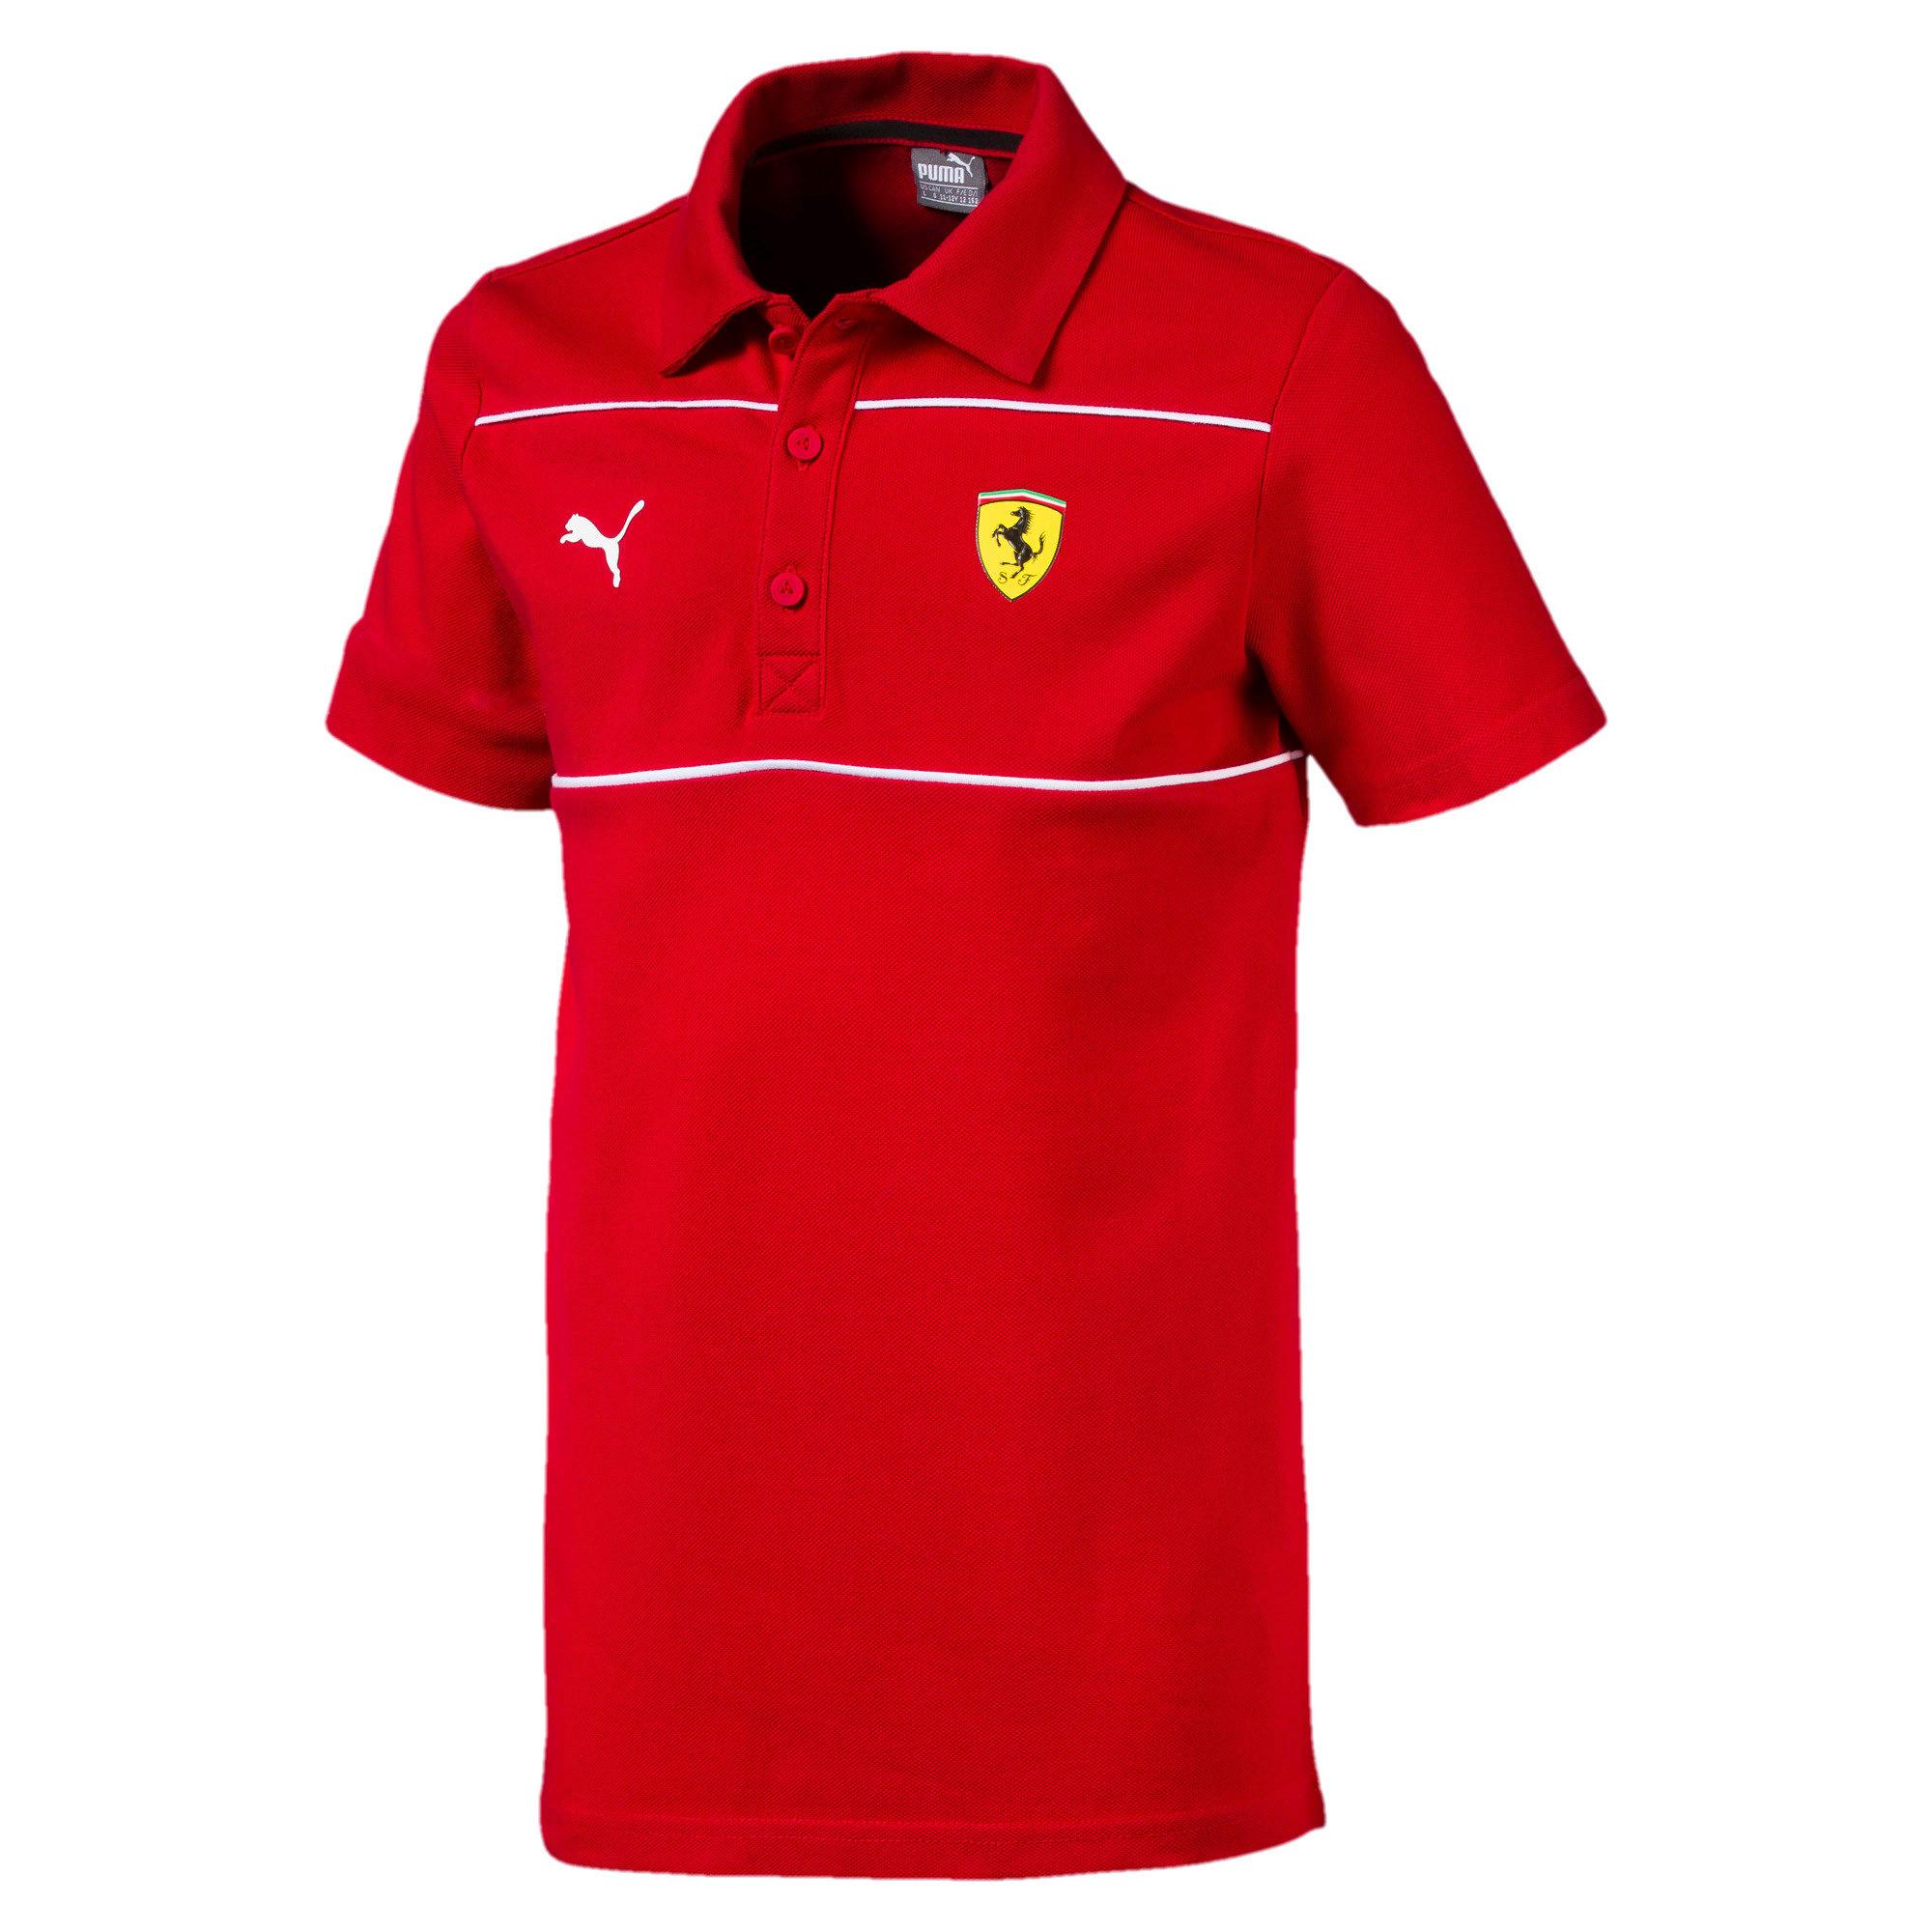 Miniatura 1 de Camiseta tipo polo Scuderia Ferrari para niño joven, Rosso Corsa, mediano